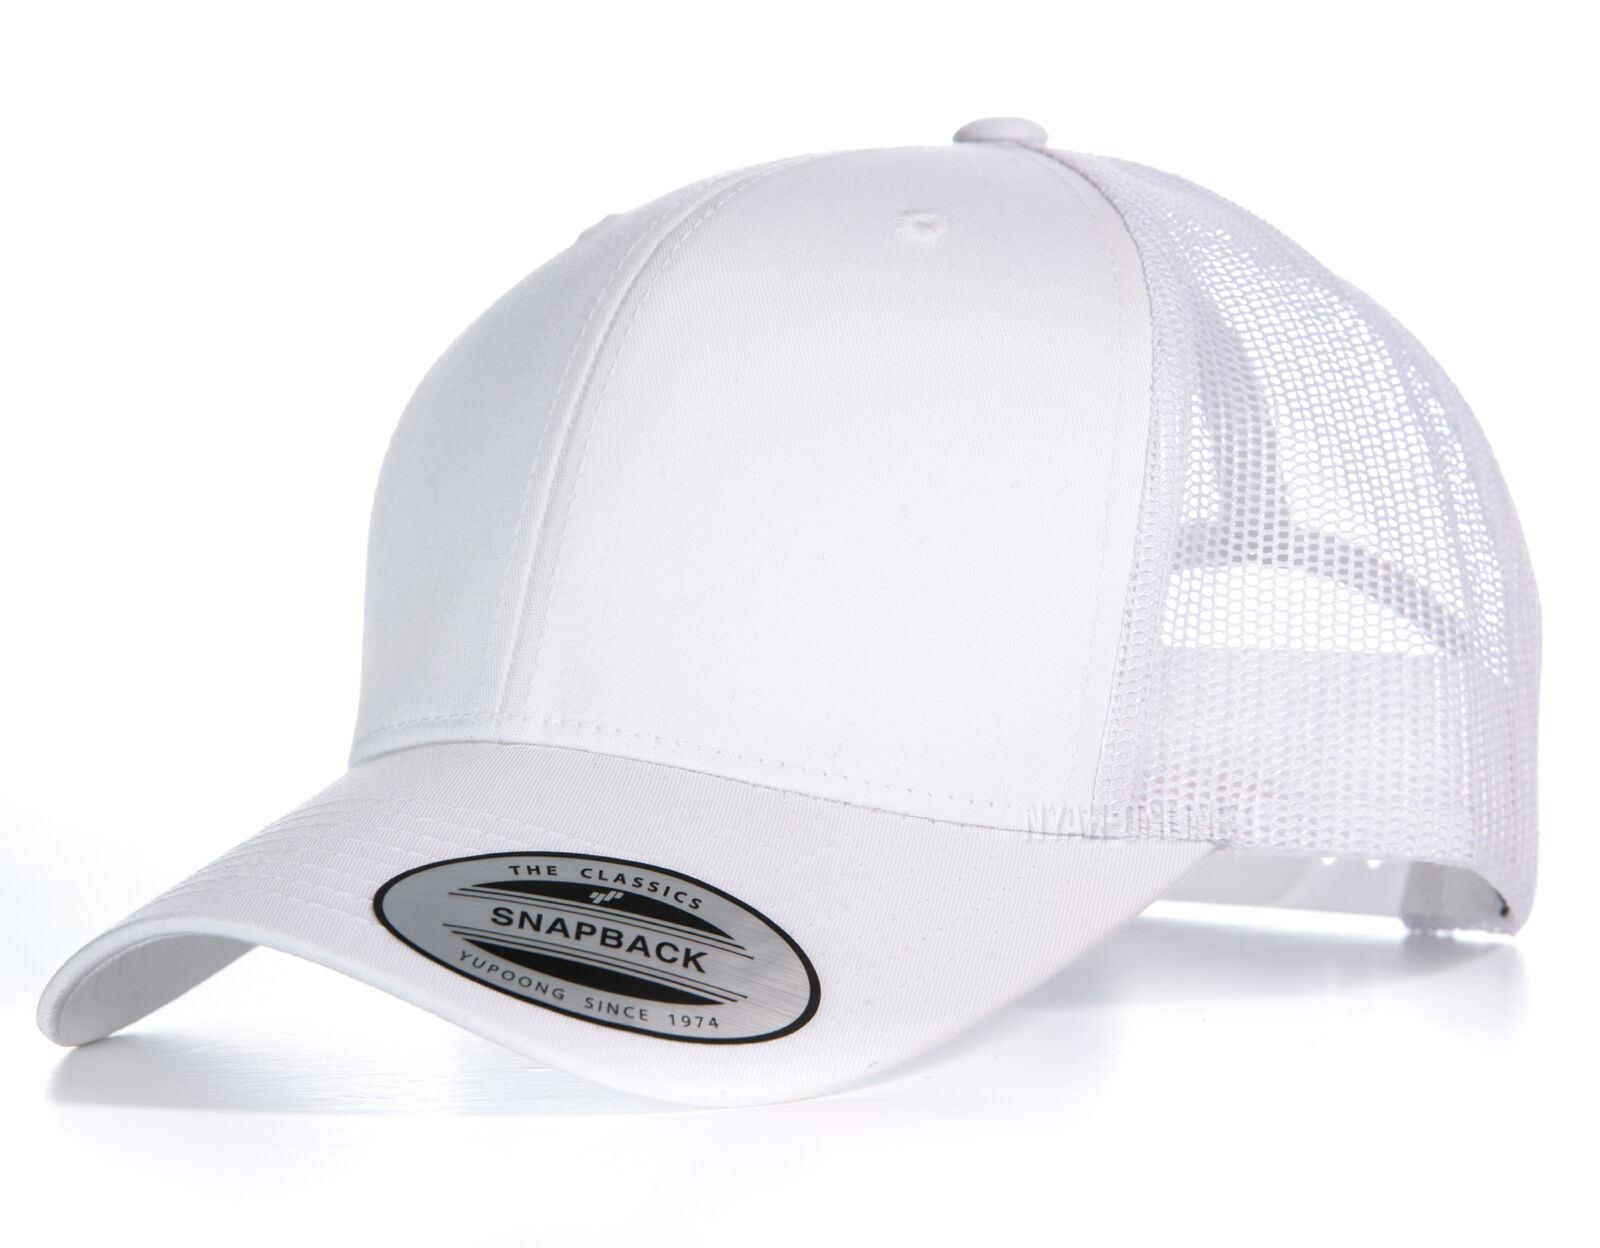 869b2d250 [Hot Item] Mesh Snapback Cap Plain Trucker Cap Hats